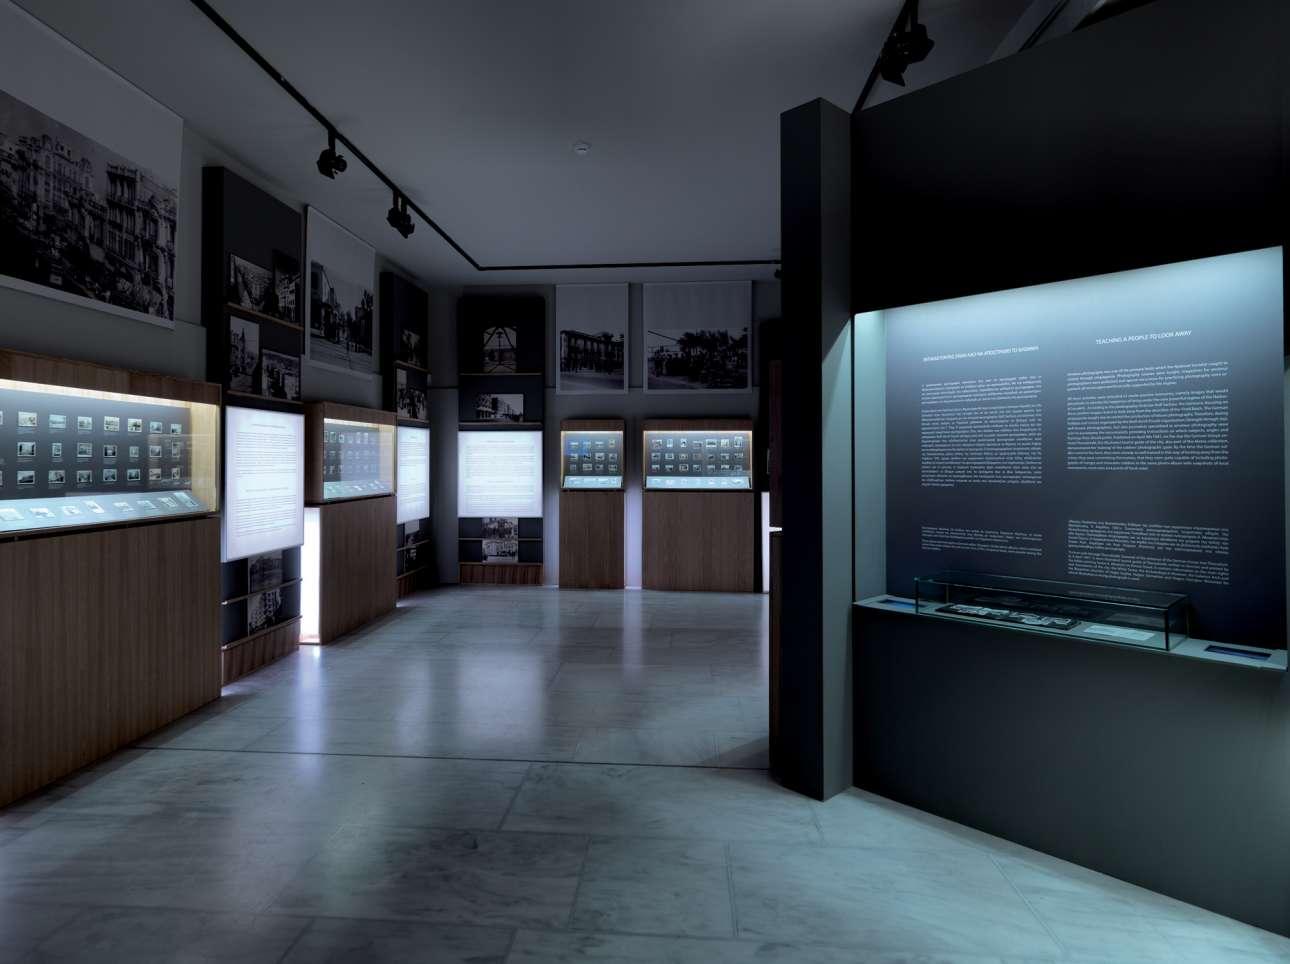 ΑΑποψη της έκθεσης «Στο Περιθώριο του Πολέμου» στο Μουσείο Βυζαντινού Πολιτισμού